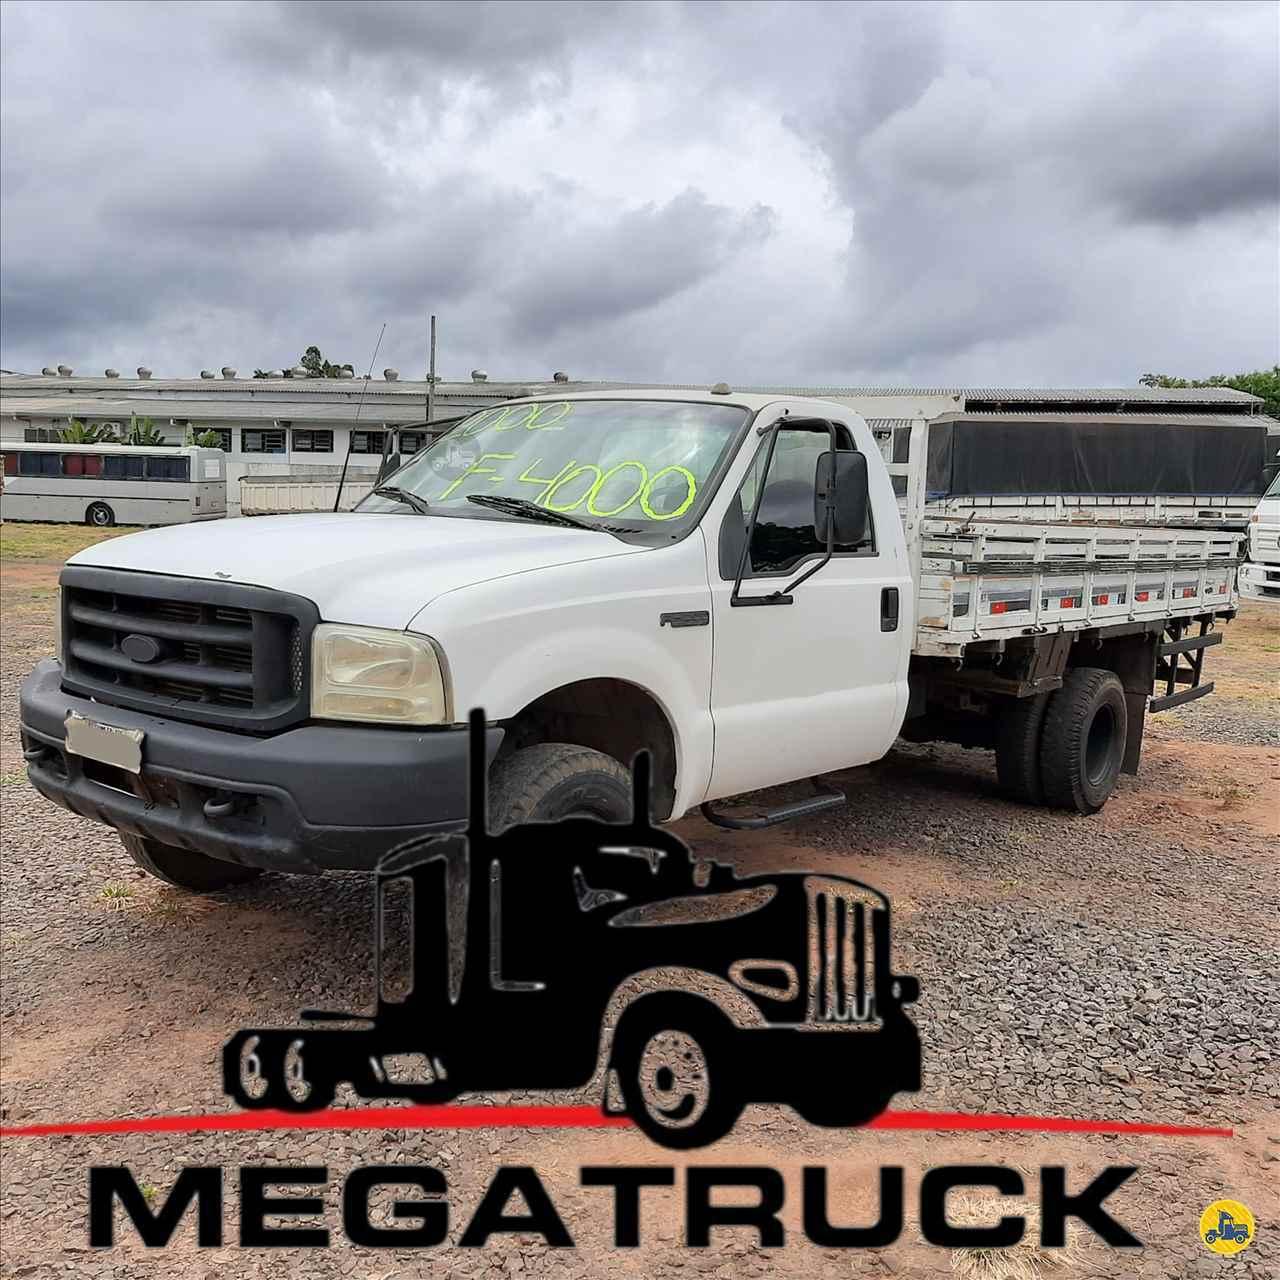 CAMINHAO FORD F4000 Carga Seca 3/4 4x2 Megatruck Caminhões e Máquinas CAMPO GRANDE MATO GROSSO DO SUL MS